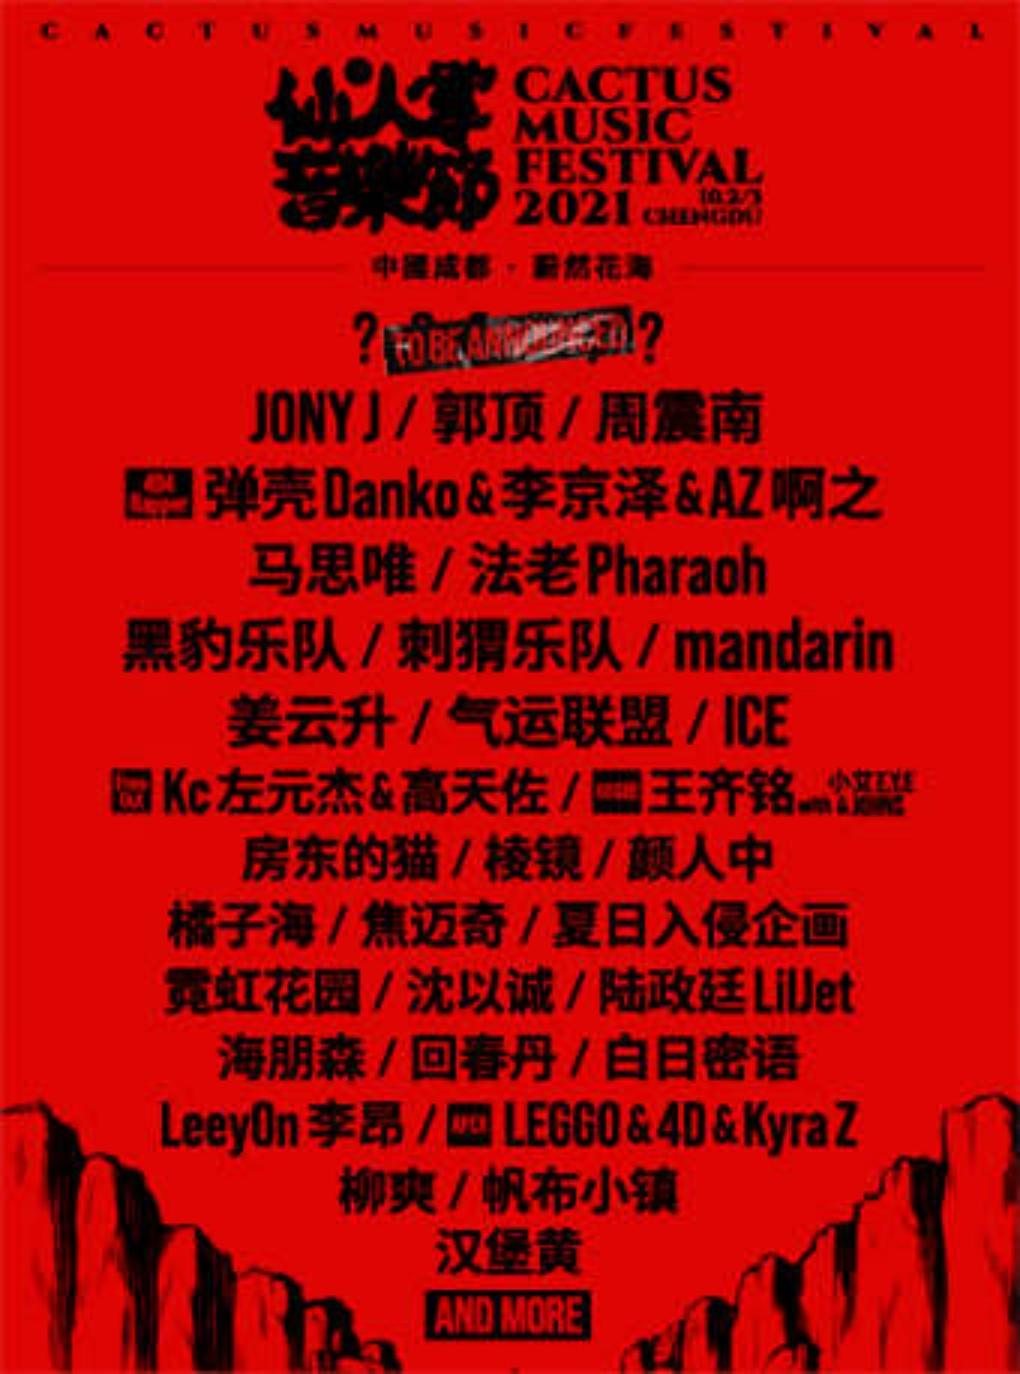 2021仙人掌音乐节-成都站